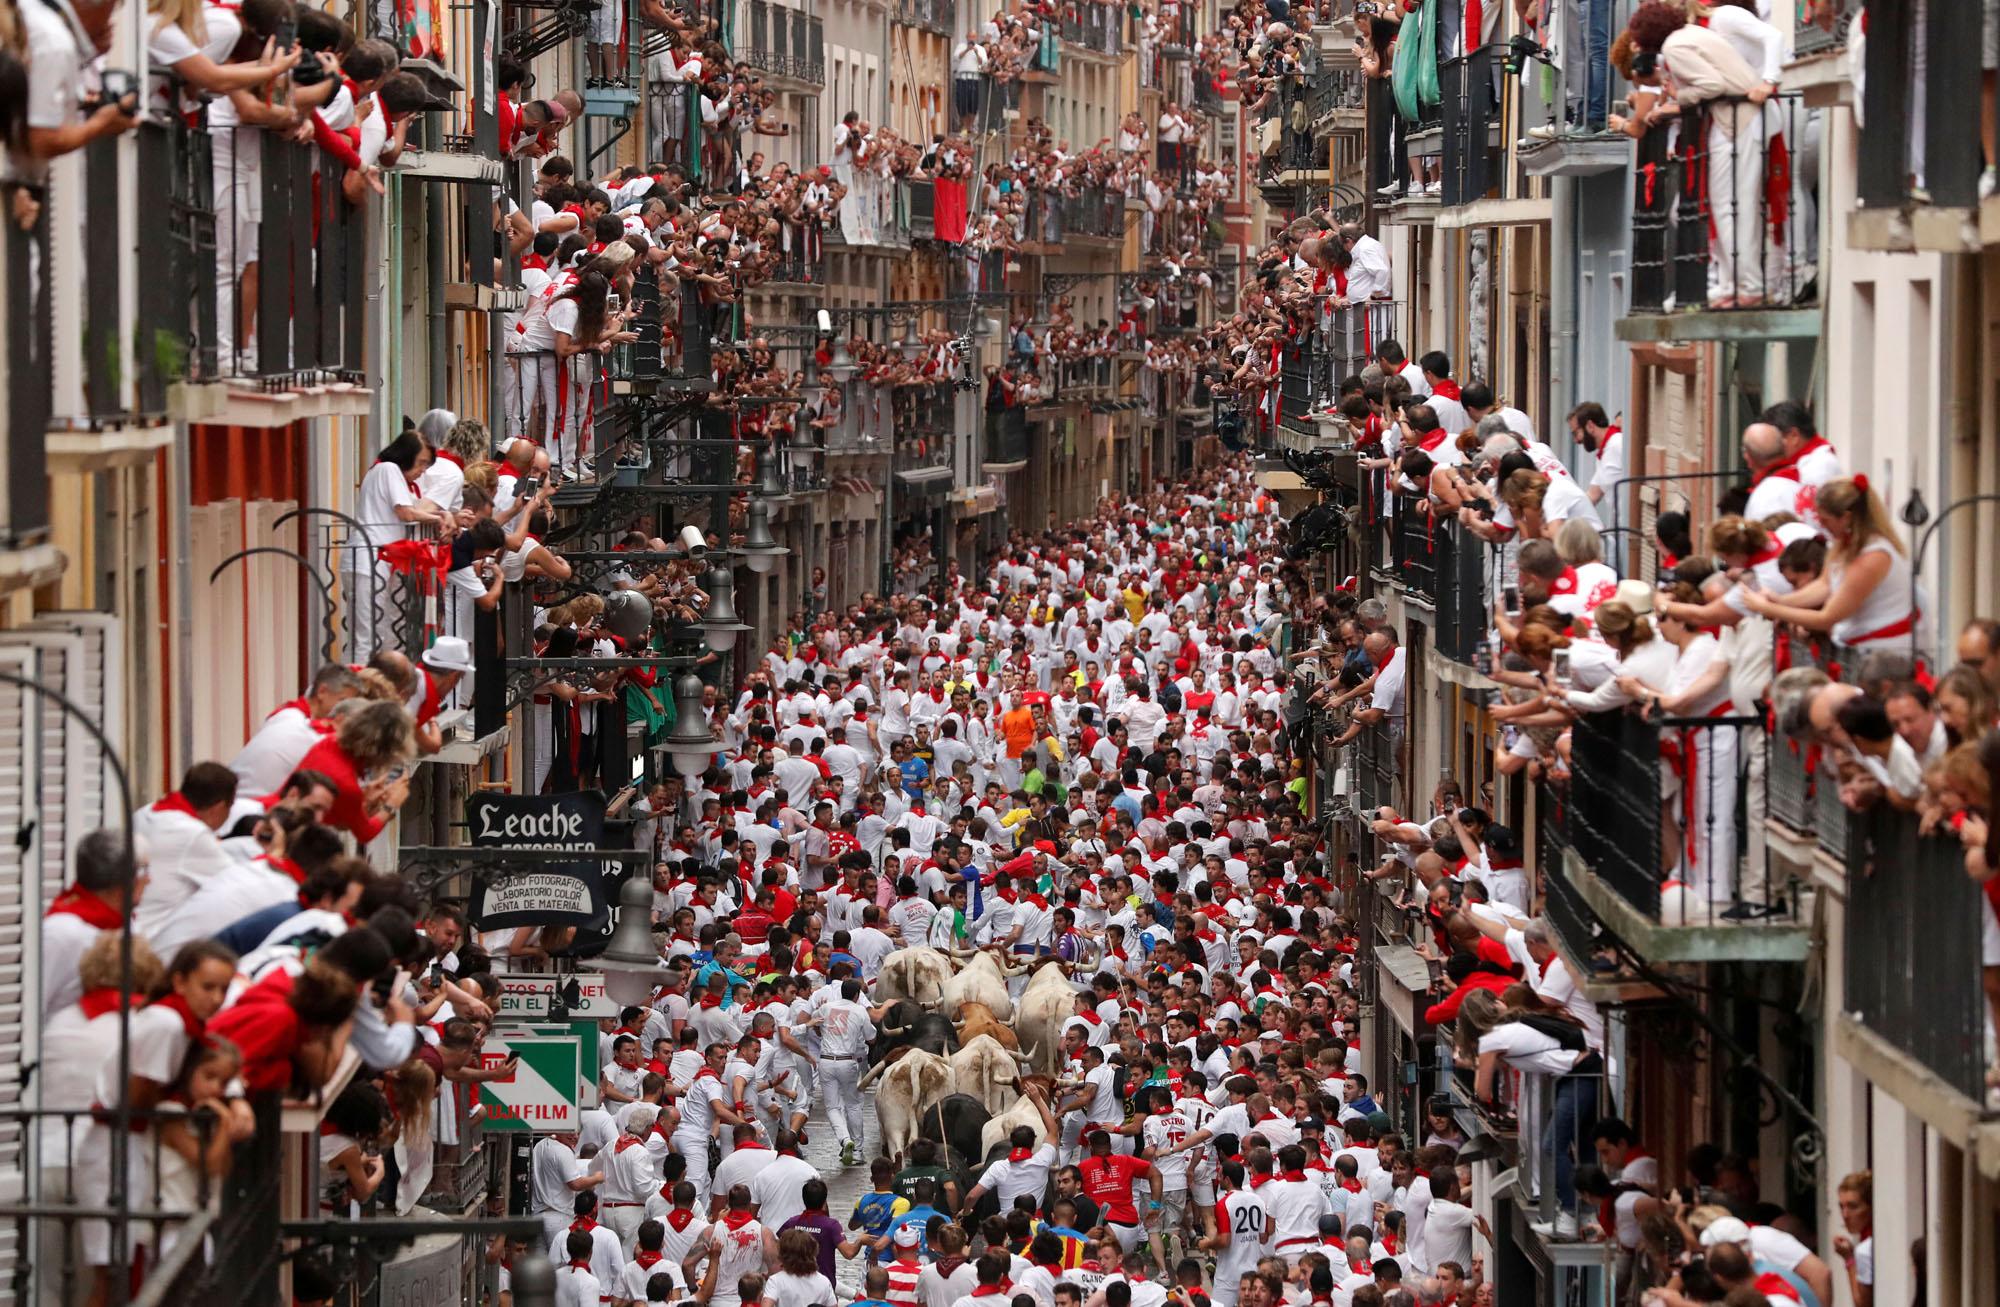 raíz Fanático Leve  Running of the Bulls 2019: The Fiesta de San Fermín - The Atlantic